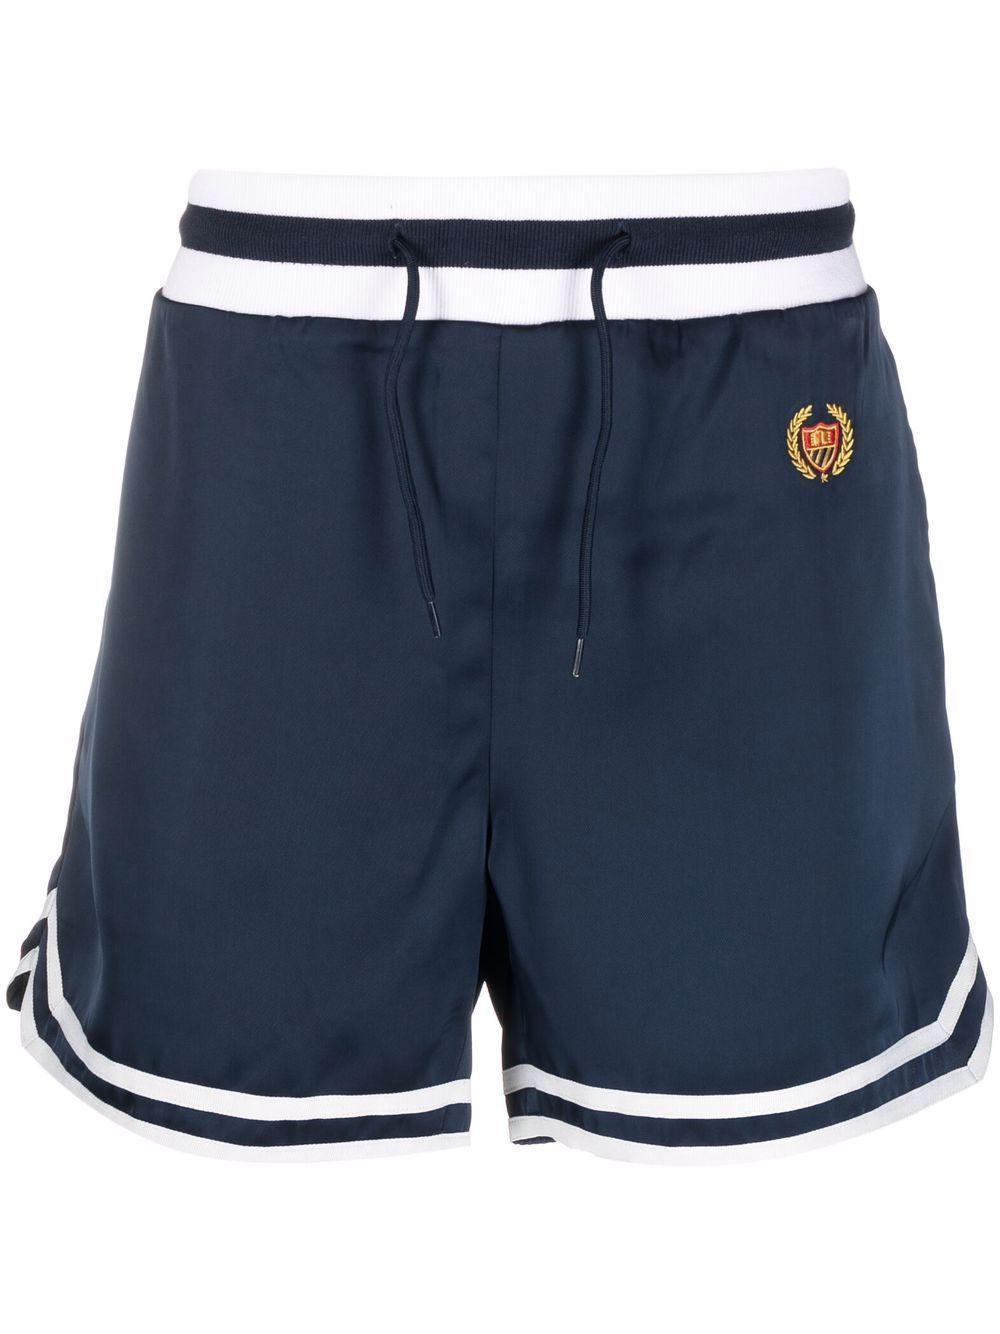 Shorts con logo